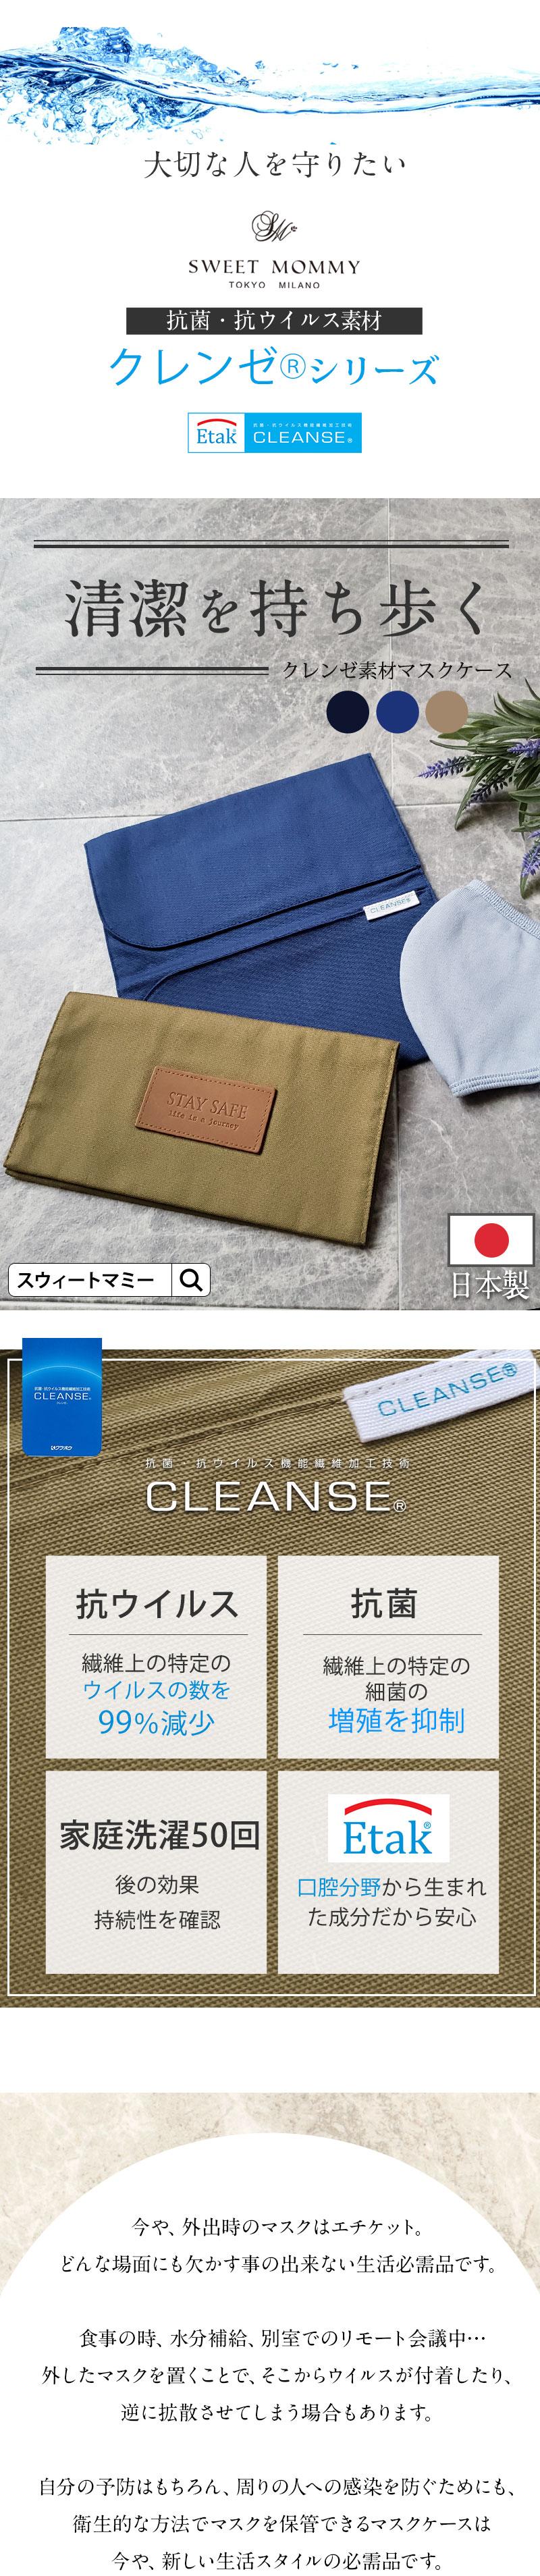 スウィートマミーのクレンゼシリーズ 清潔を持ち歩く クレンゼ素材 抗菌マスクケース